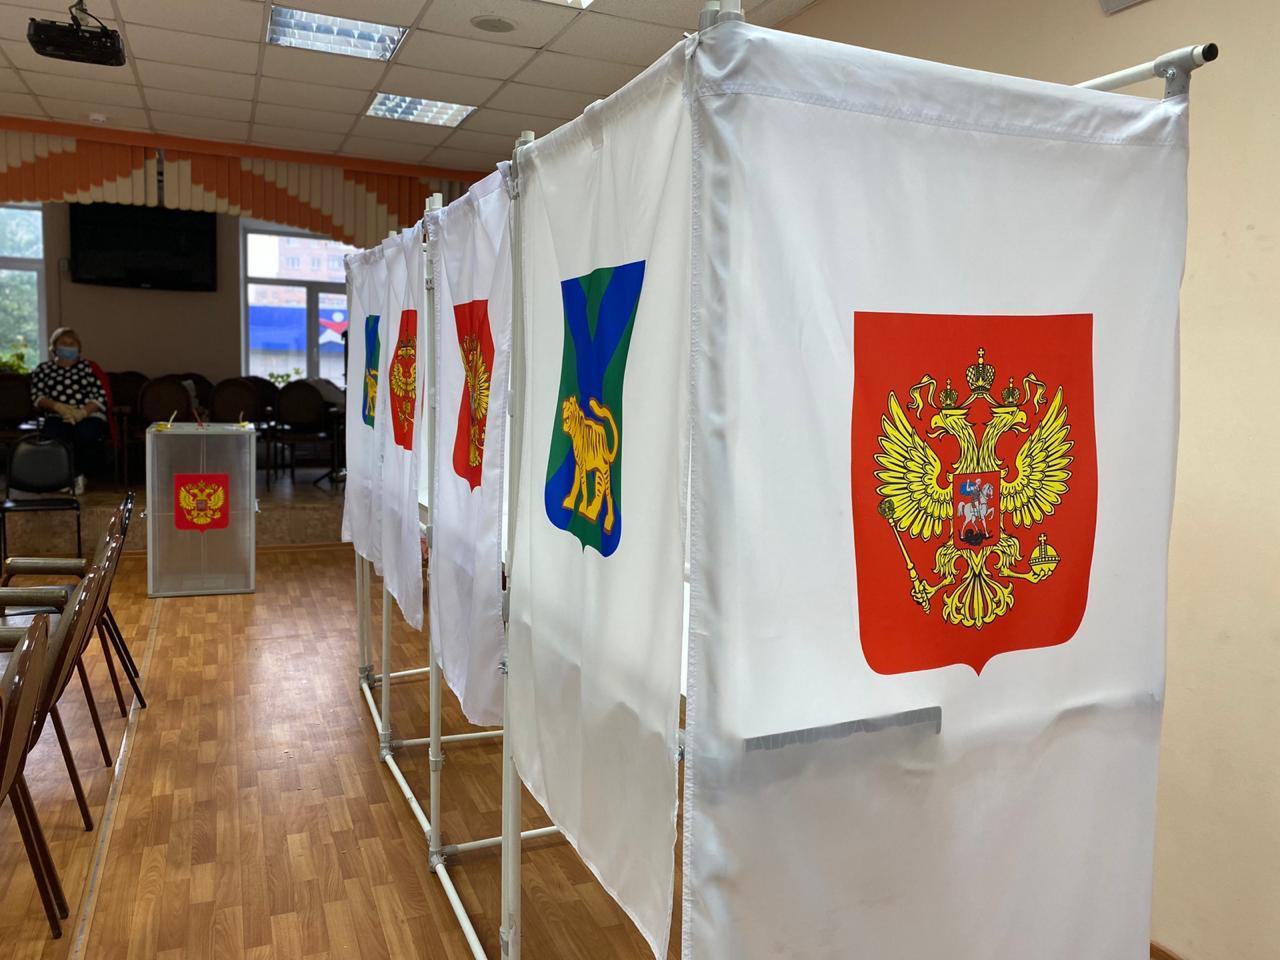 Илья Гращенков: Итоги голосования на Дальнем Востоке стали неожиданностью